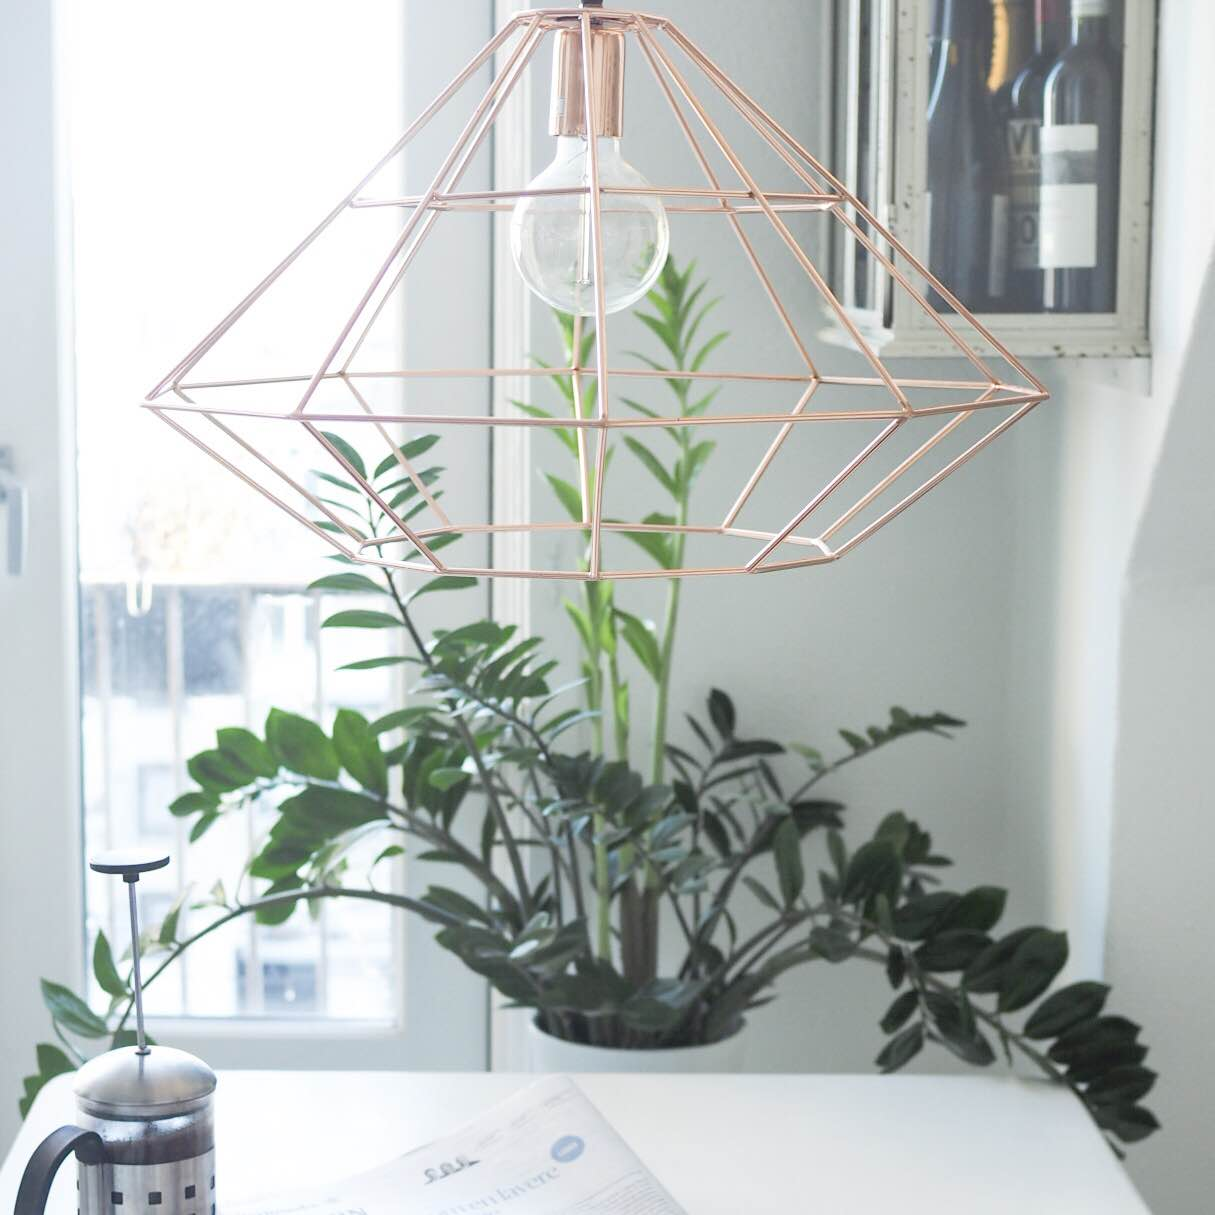 Stueplanter der holder sig længe